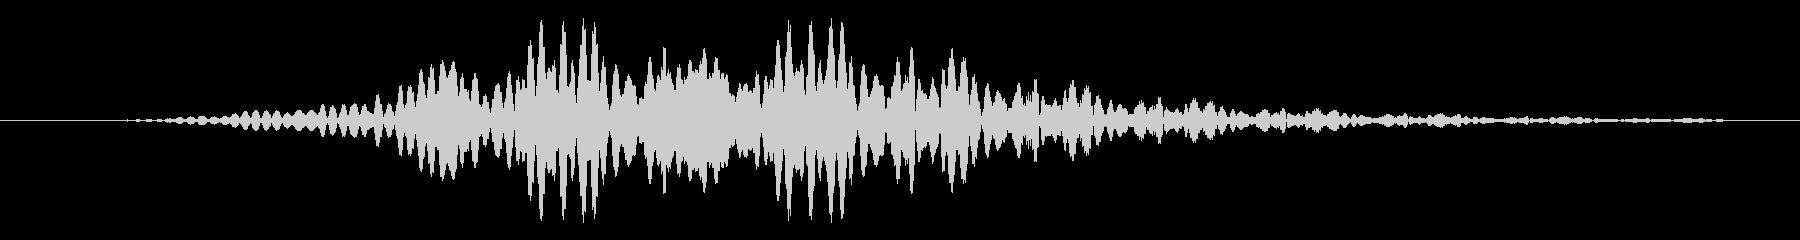 短いエイリアンスロブパルスの未再生の波形